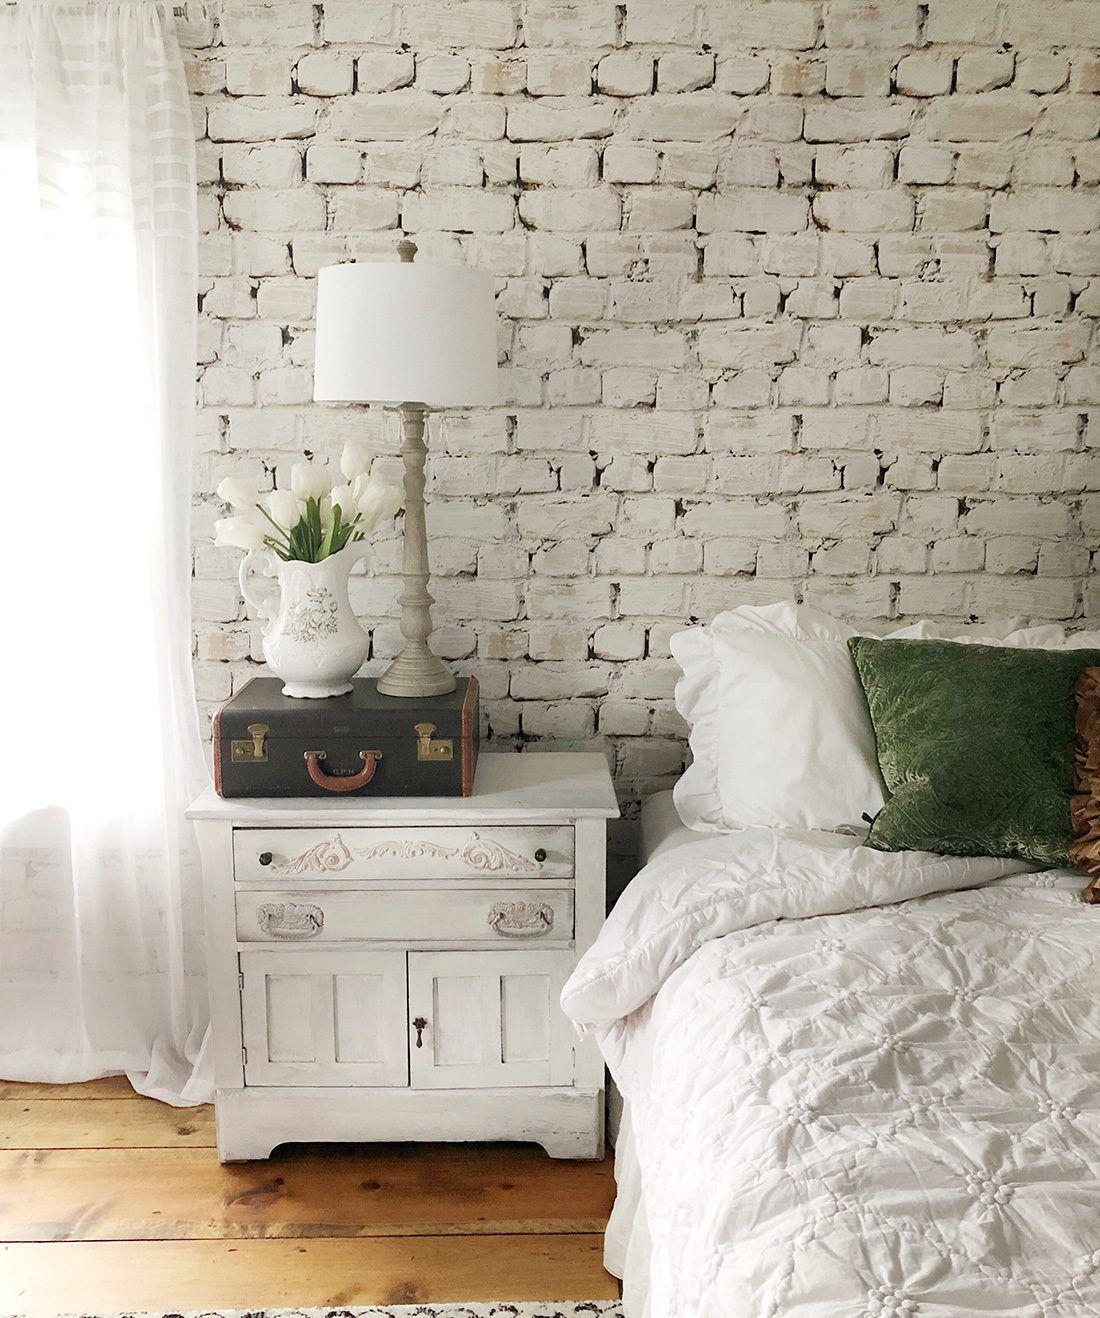 Whitewash Brick Wallpaper •White Brick Wallpaper